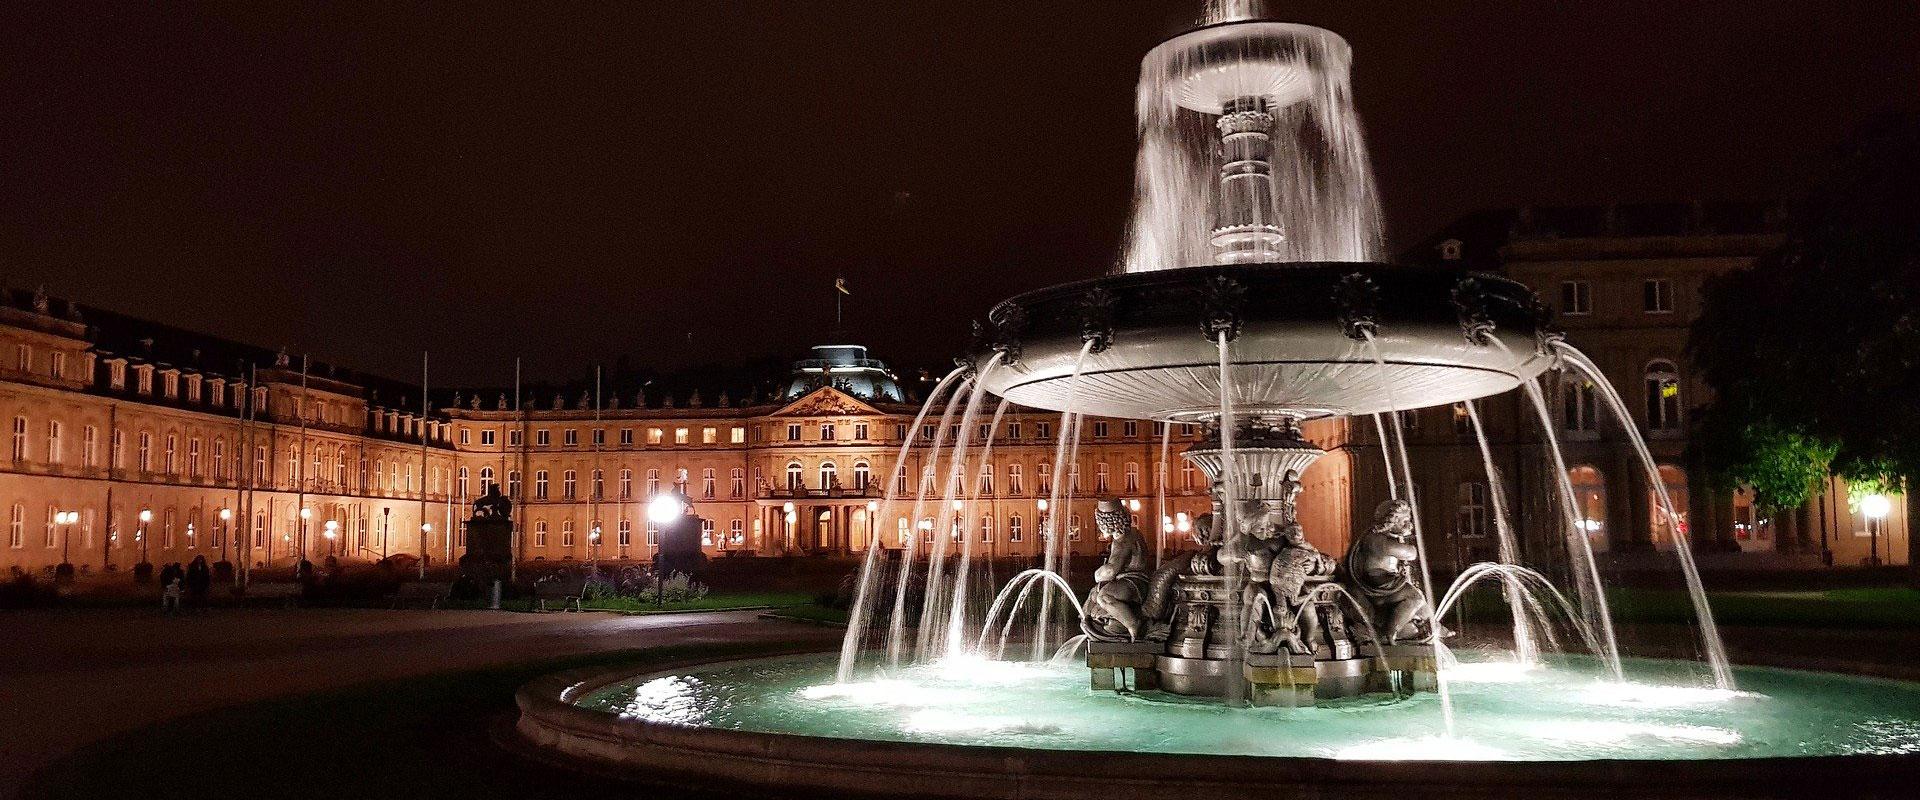 Stuttgart - Schloss